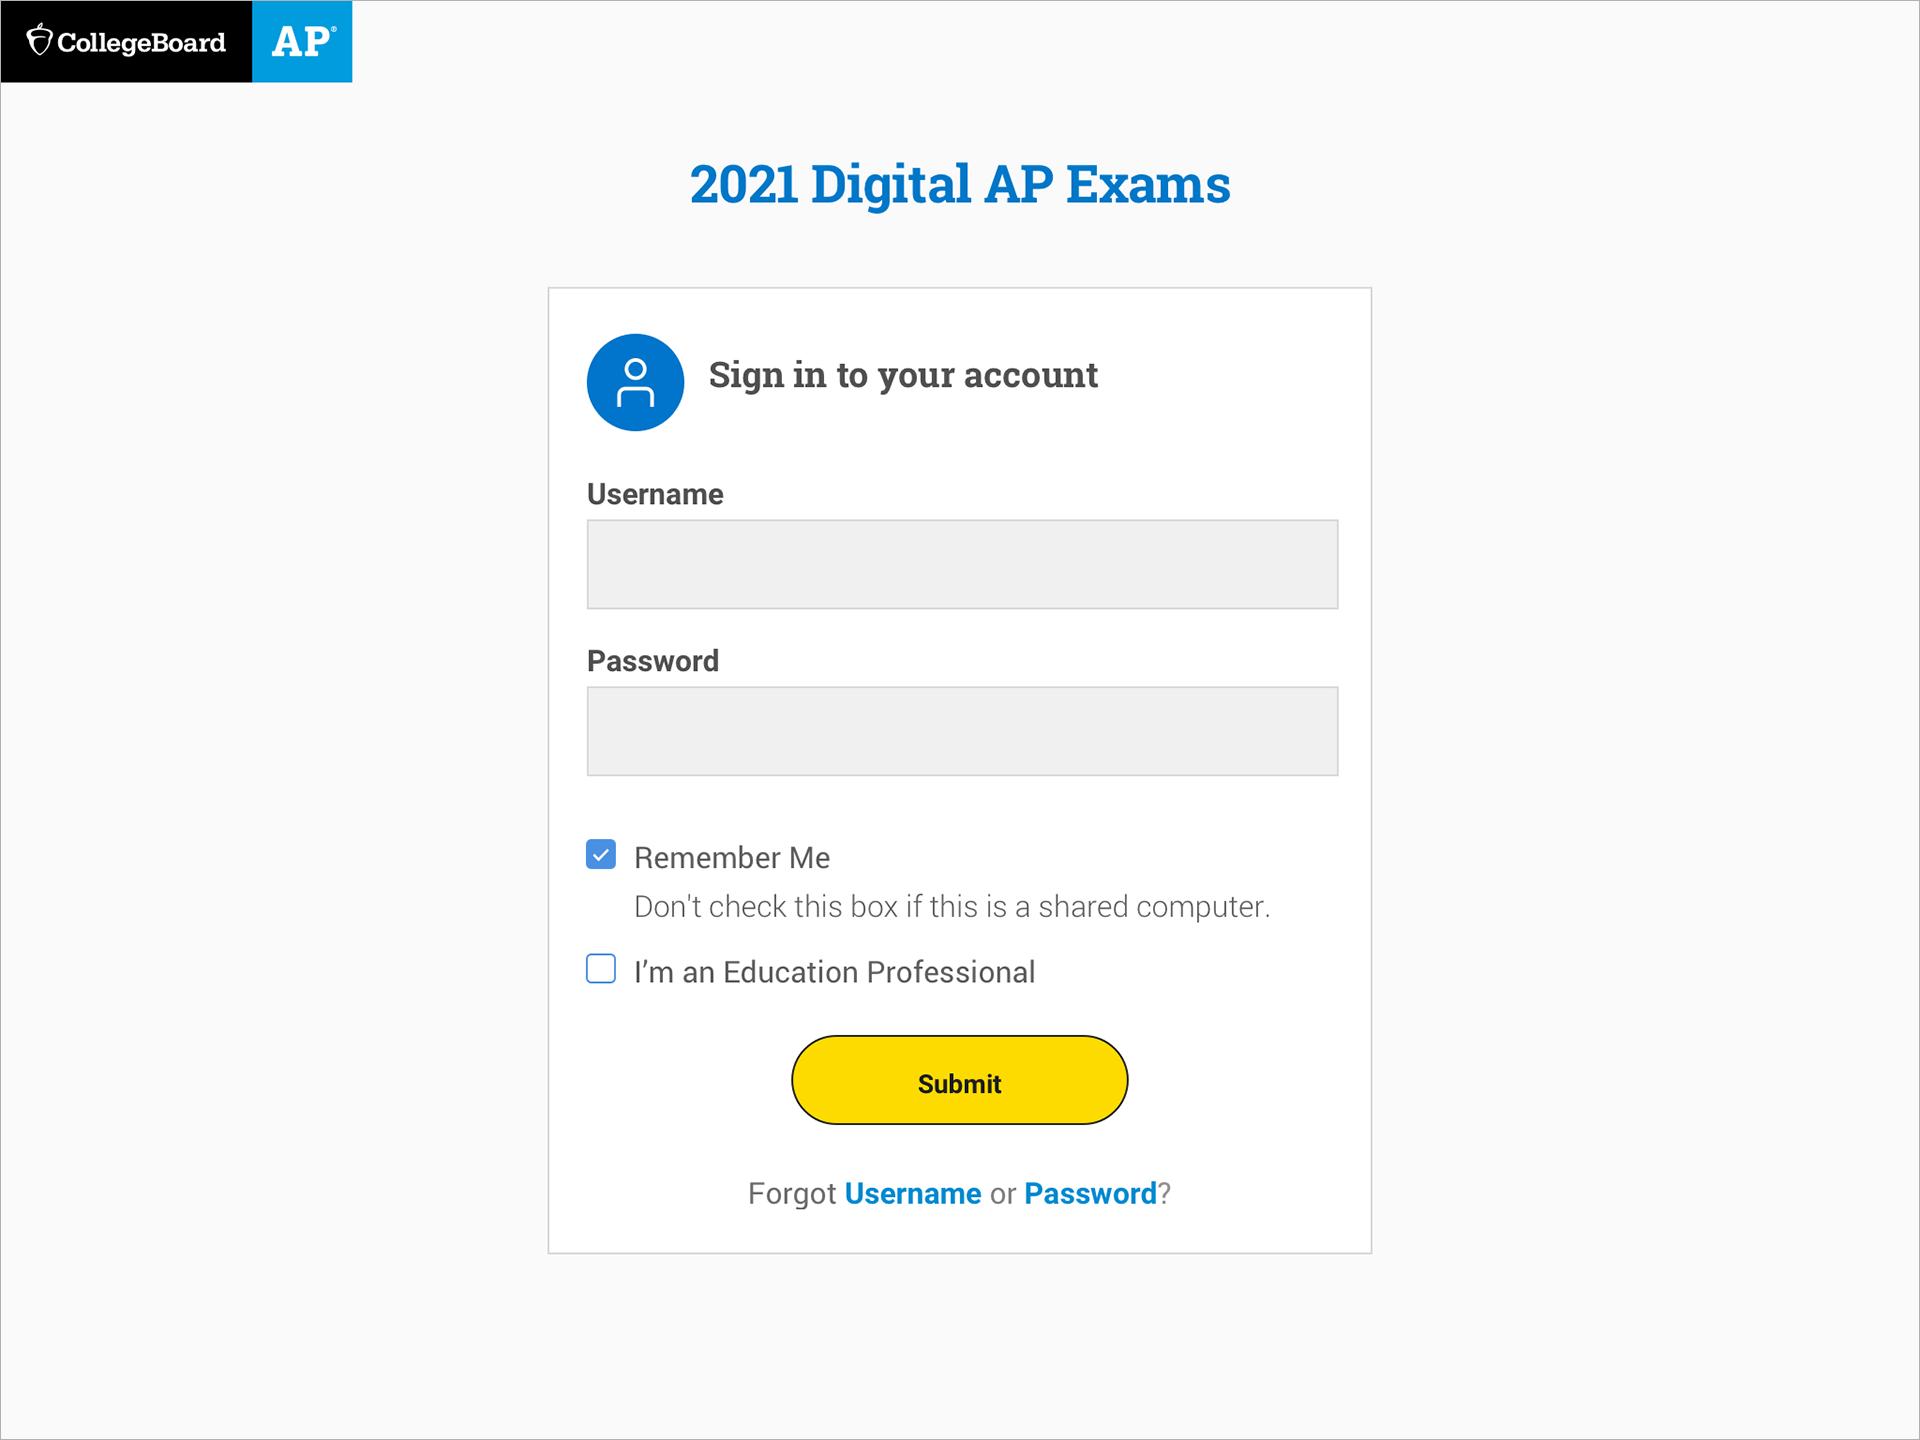 2021 AP Digital Exams - Login